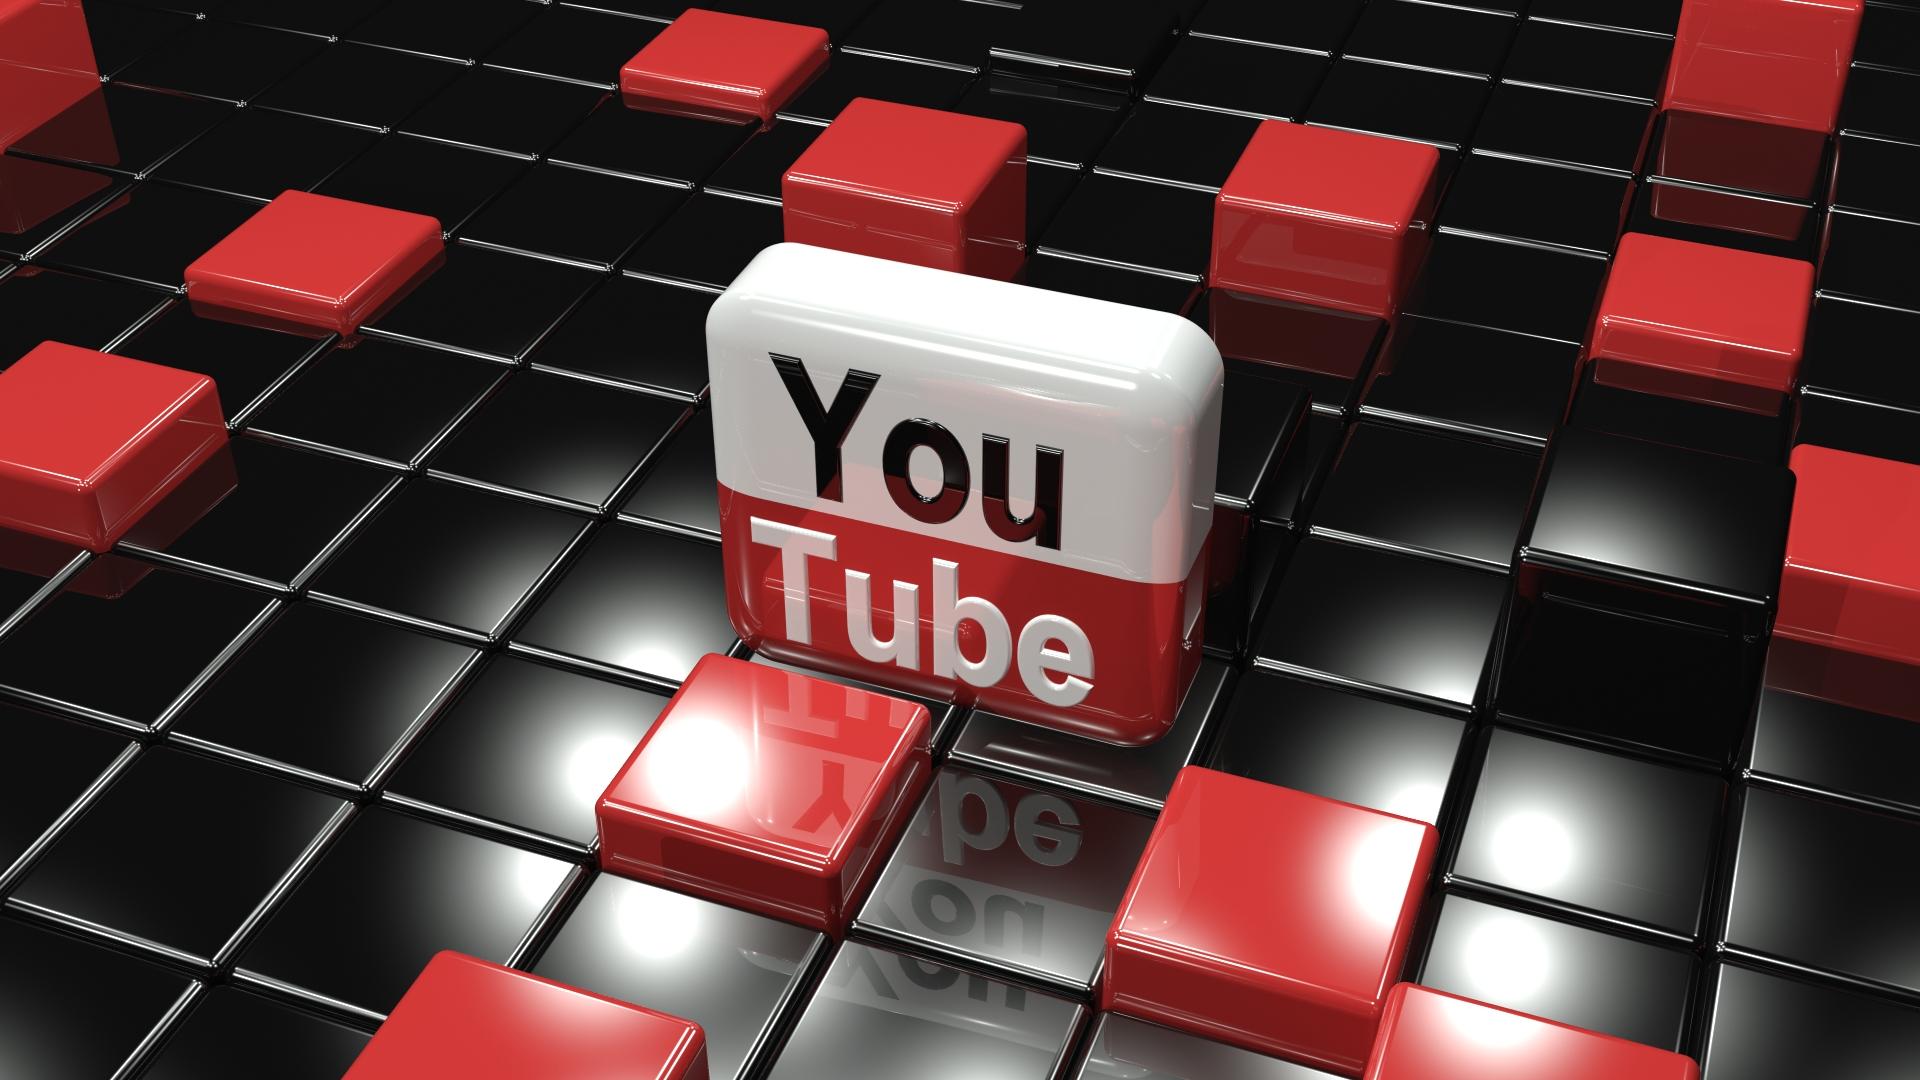 Youtube Wallpapers Hd Pixelstalk Net